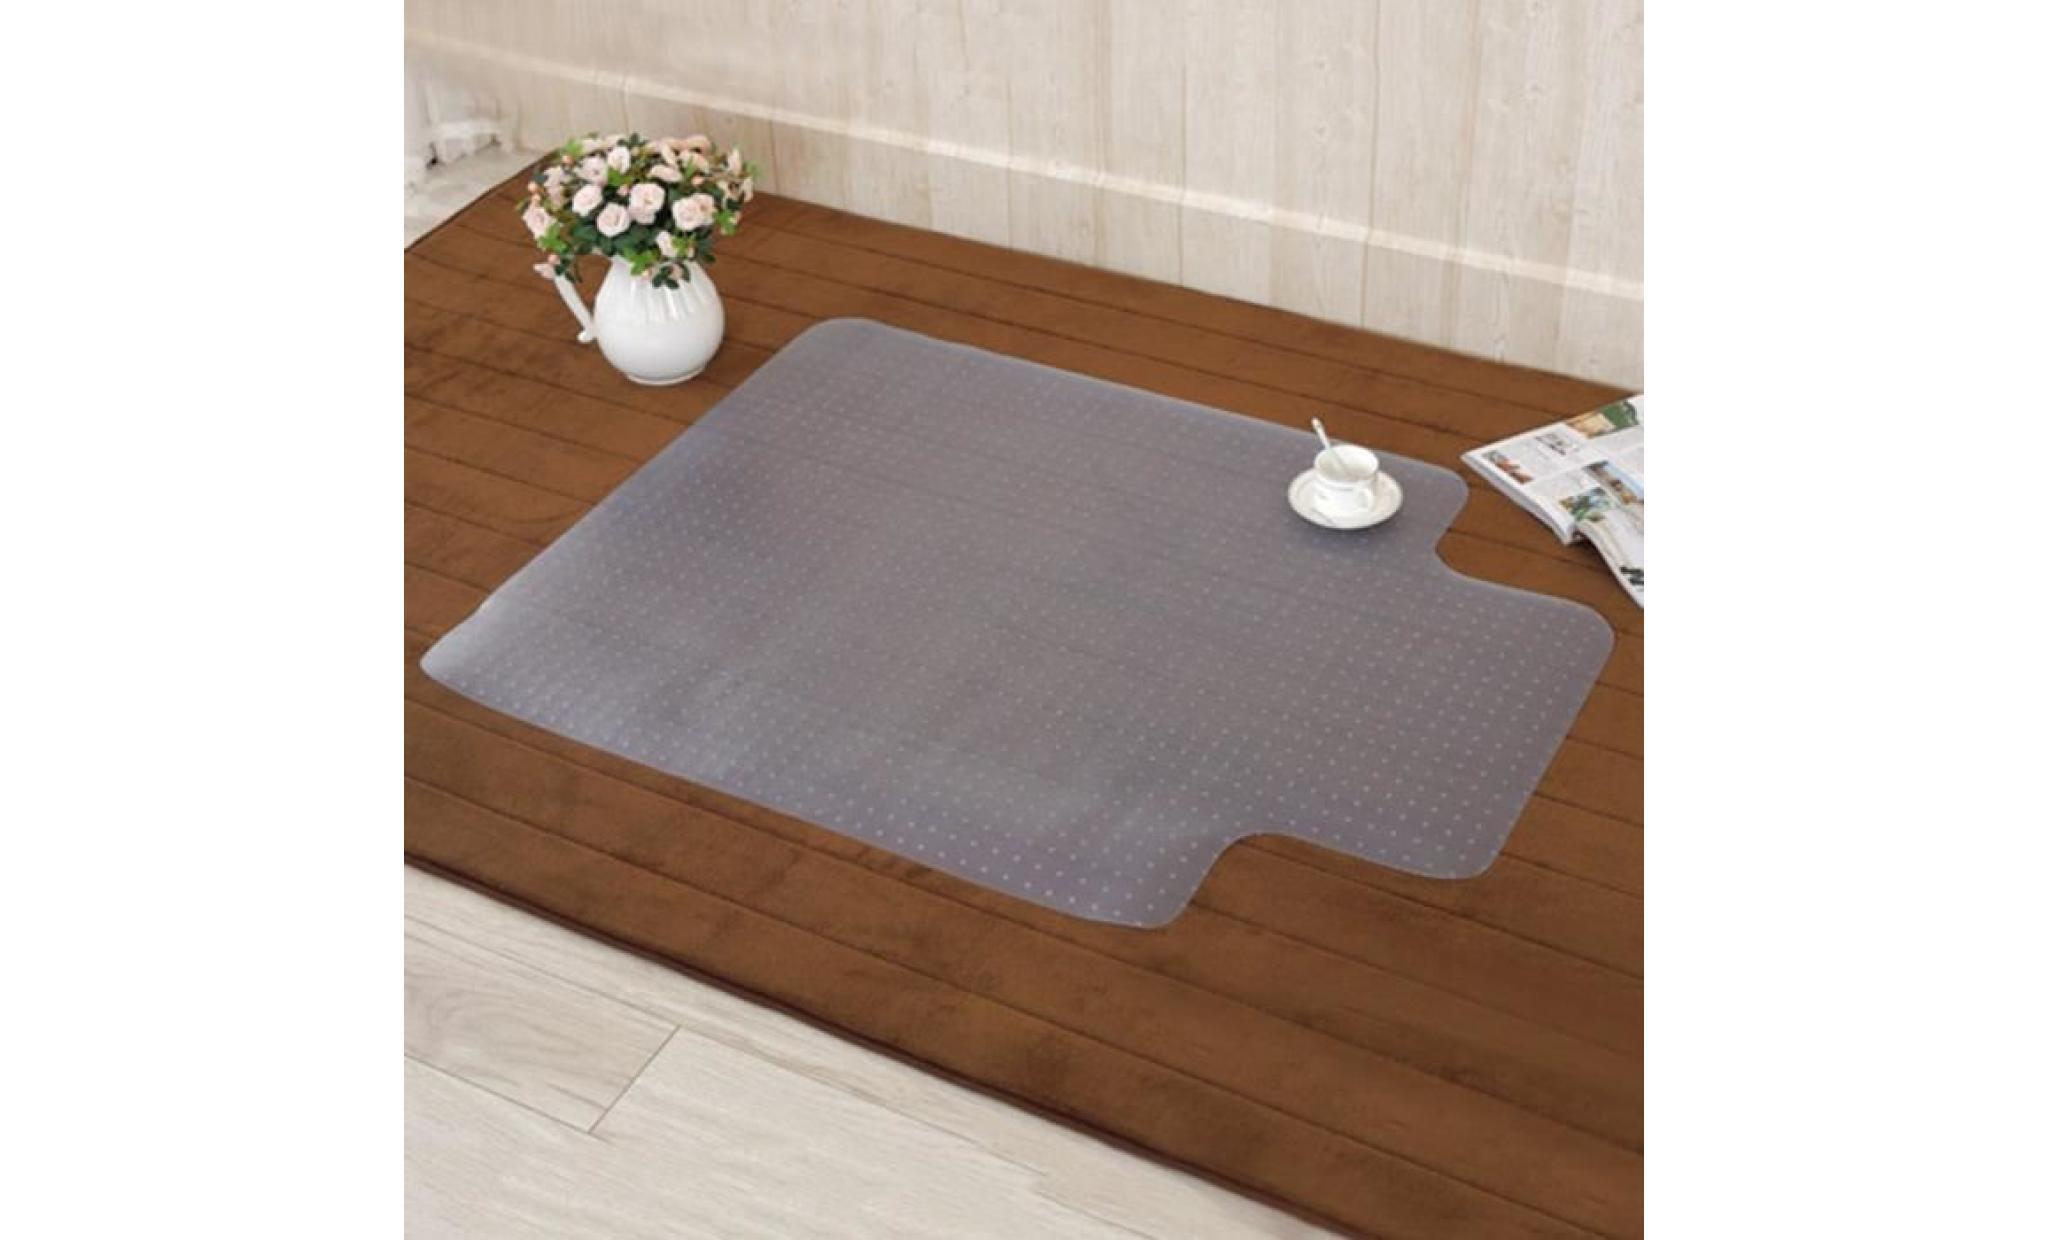 tapis de sol pour chaise fauteuil de bureau pvc transparant antiderapant 2 0mm120 90 achat vente fauteuil de bureau pas cher couleur et design fr